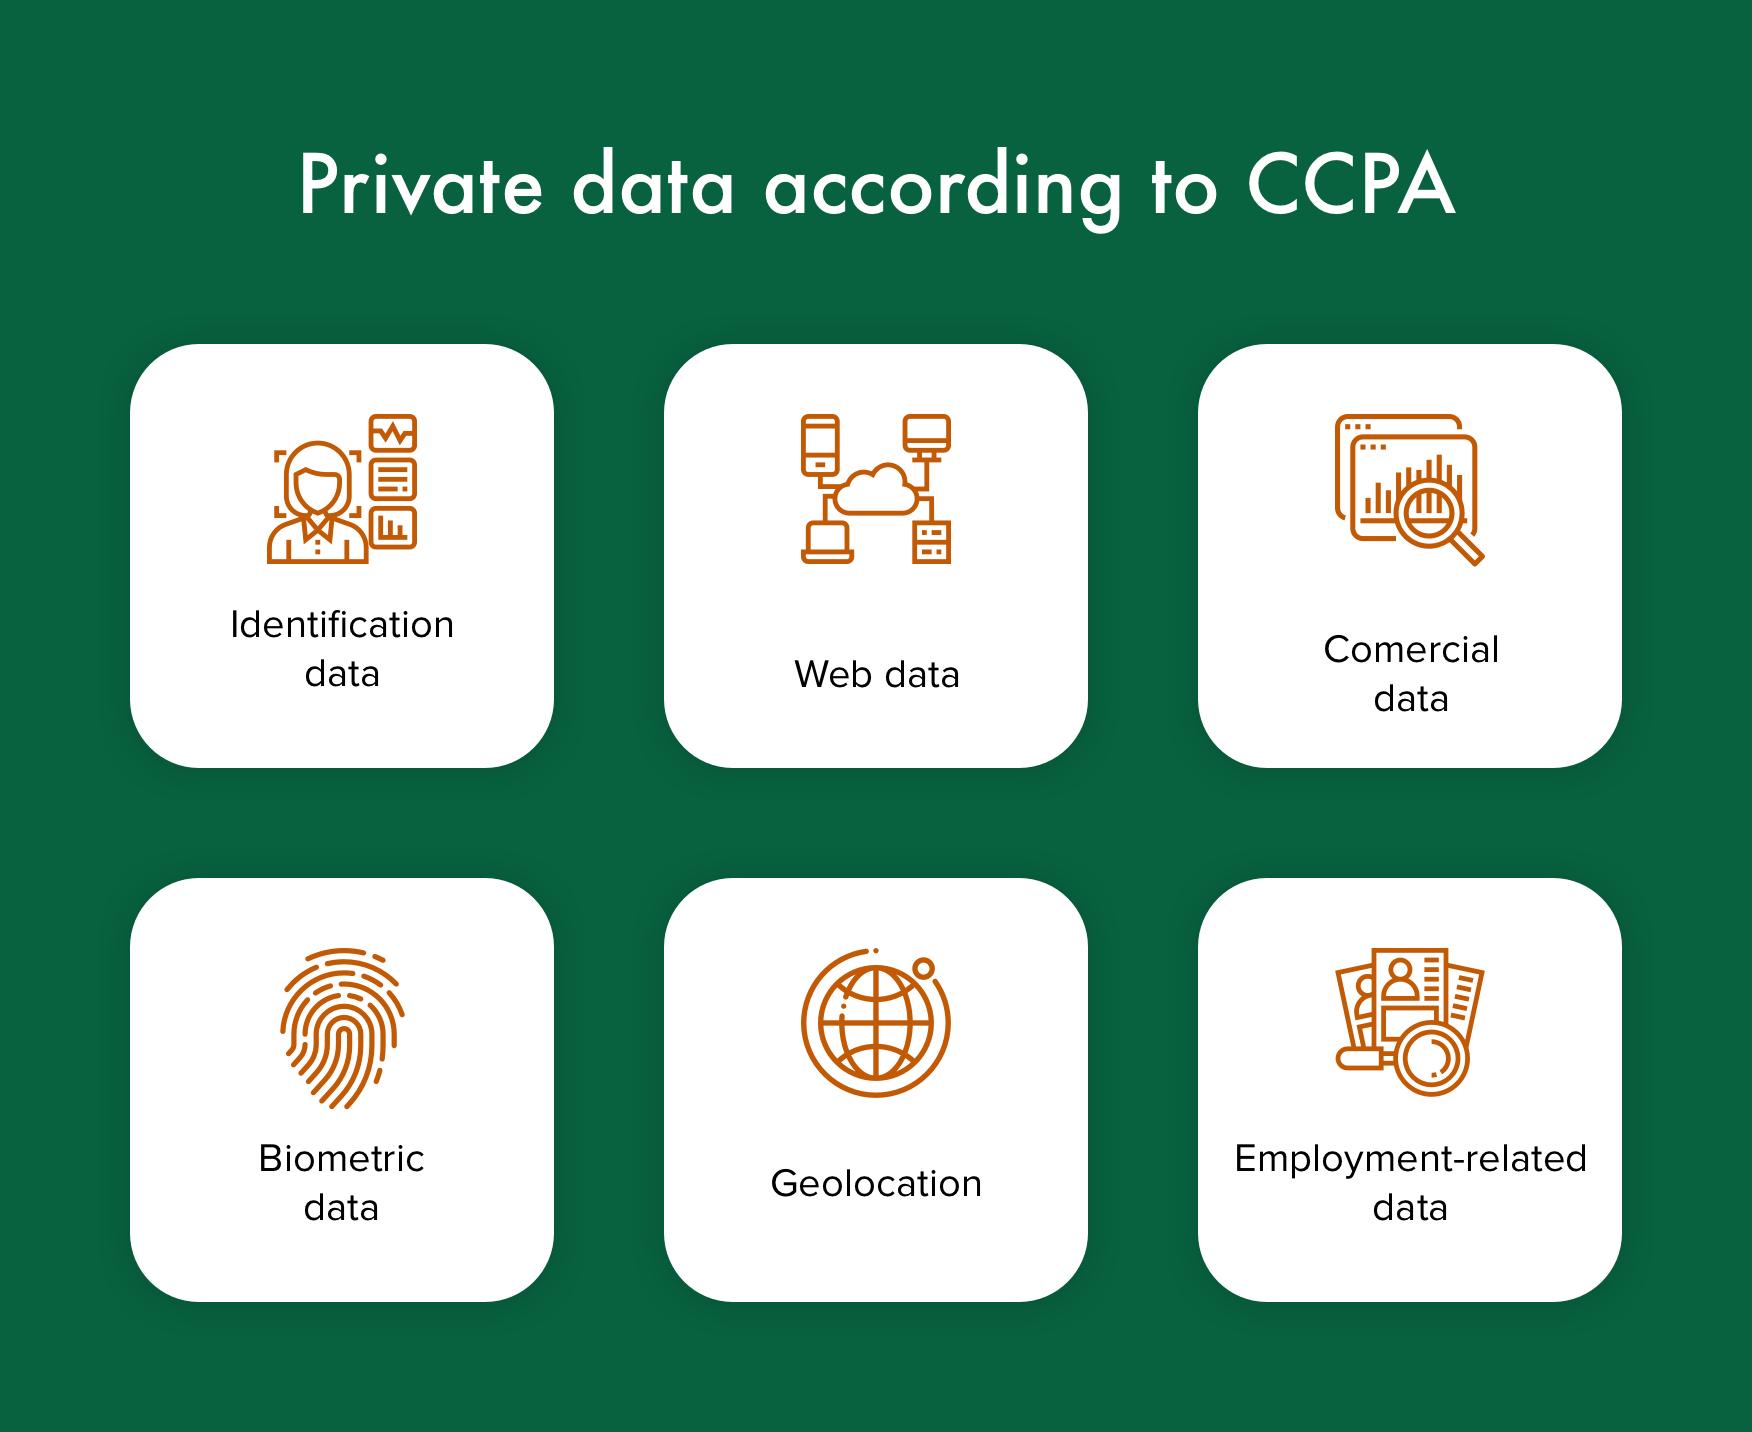 CCPA private data definition